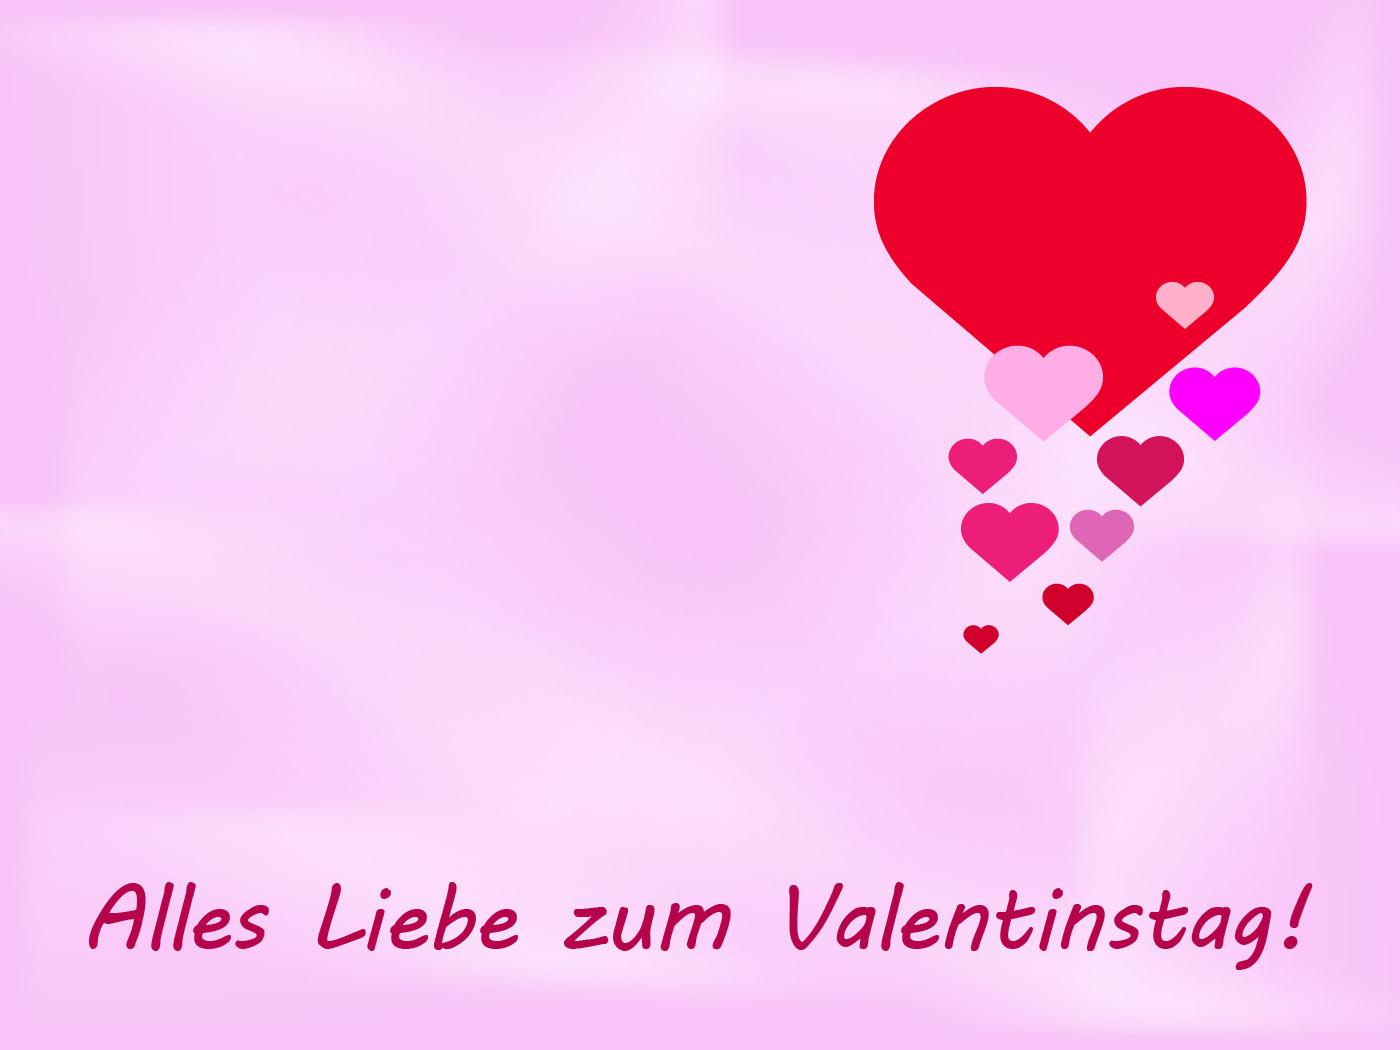 Alles liebe zum valentinstag hintergrundbilder kostenlos - Valentinstag bilder kostenlos ...